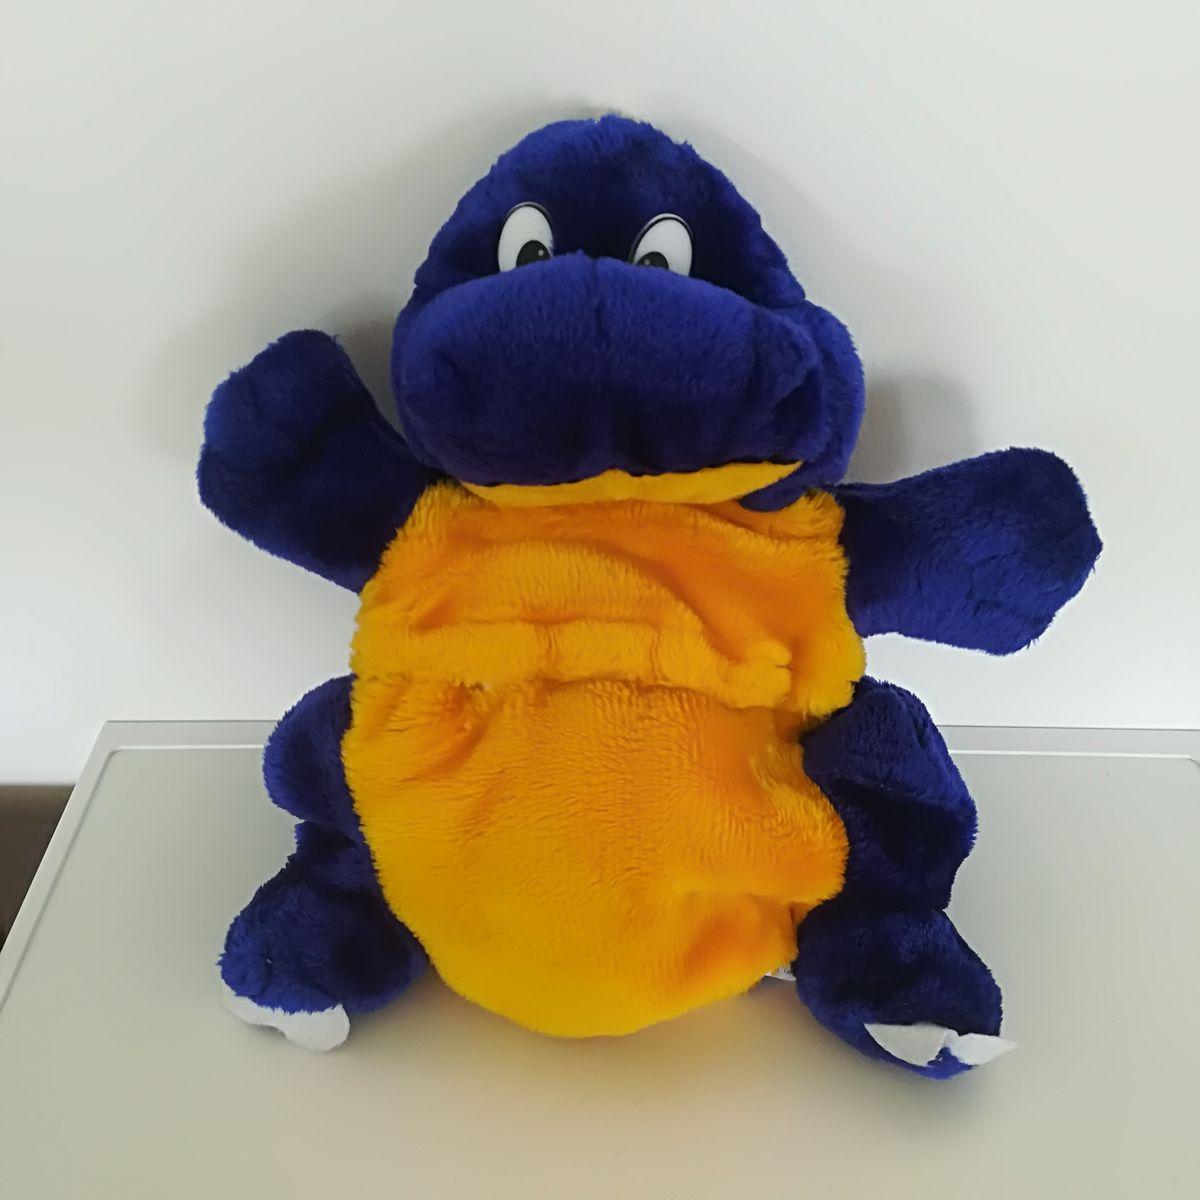 ... Kék sárga pakolható pocakú plüss dínó párna ... b182a2dacd